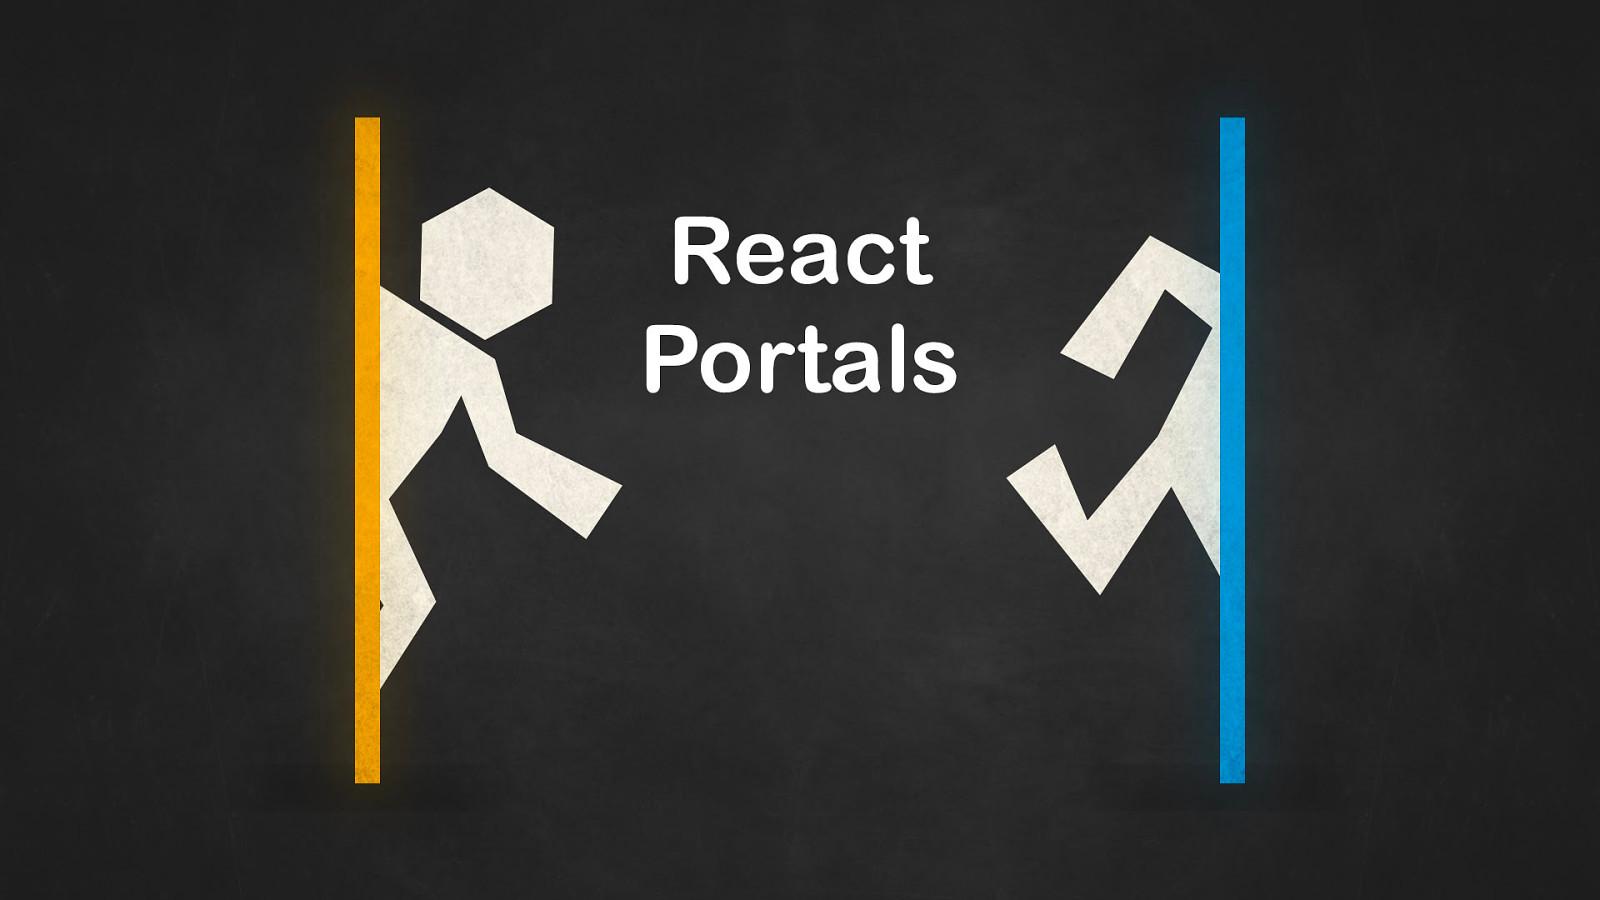 React Portals